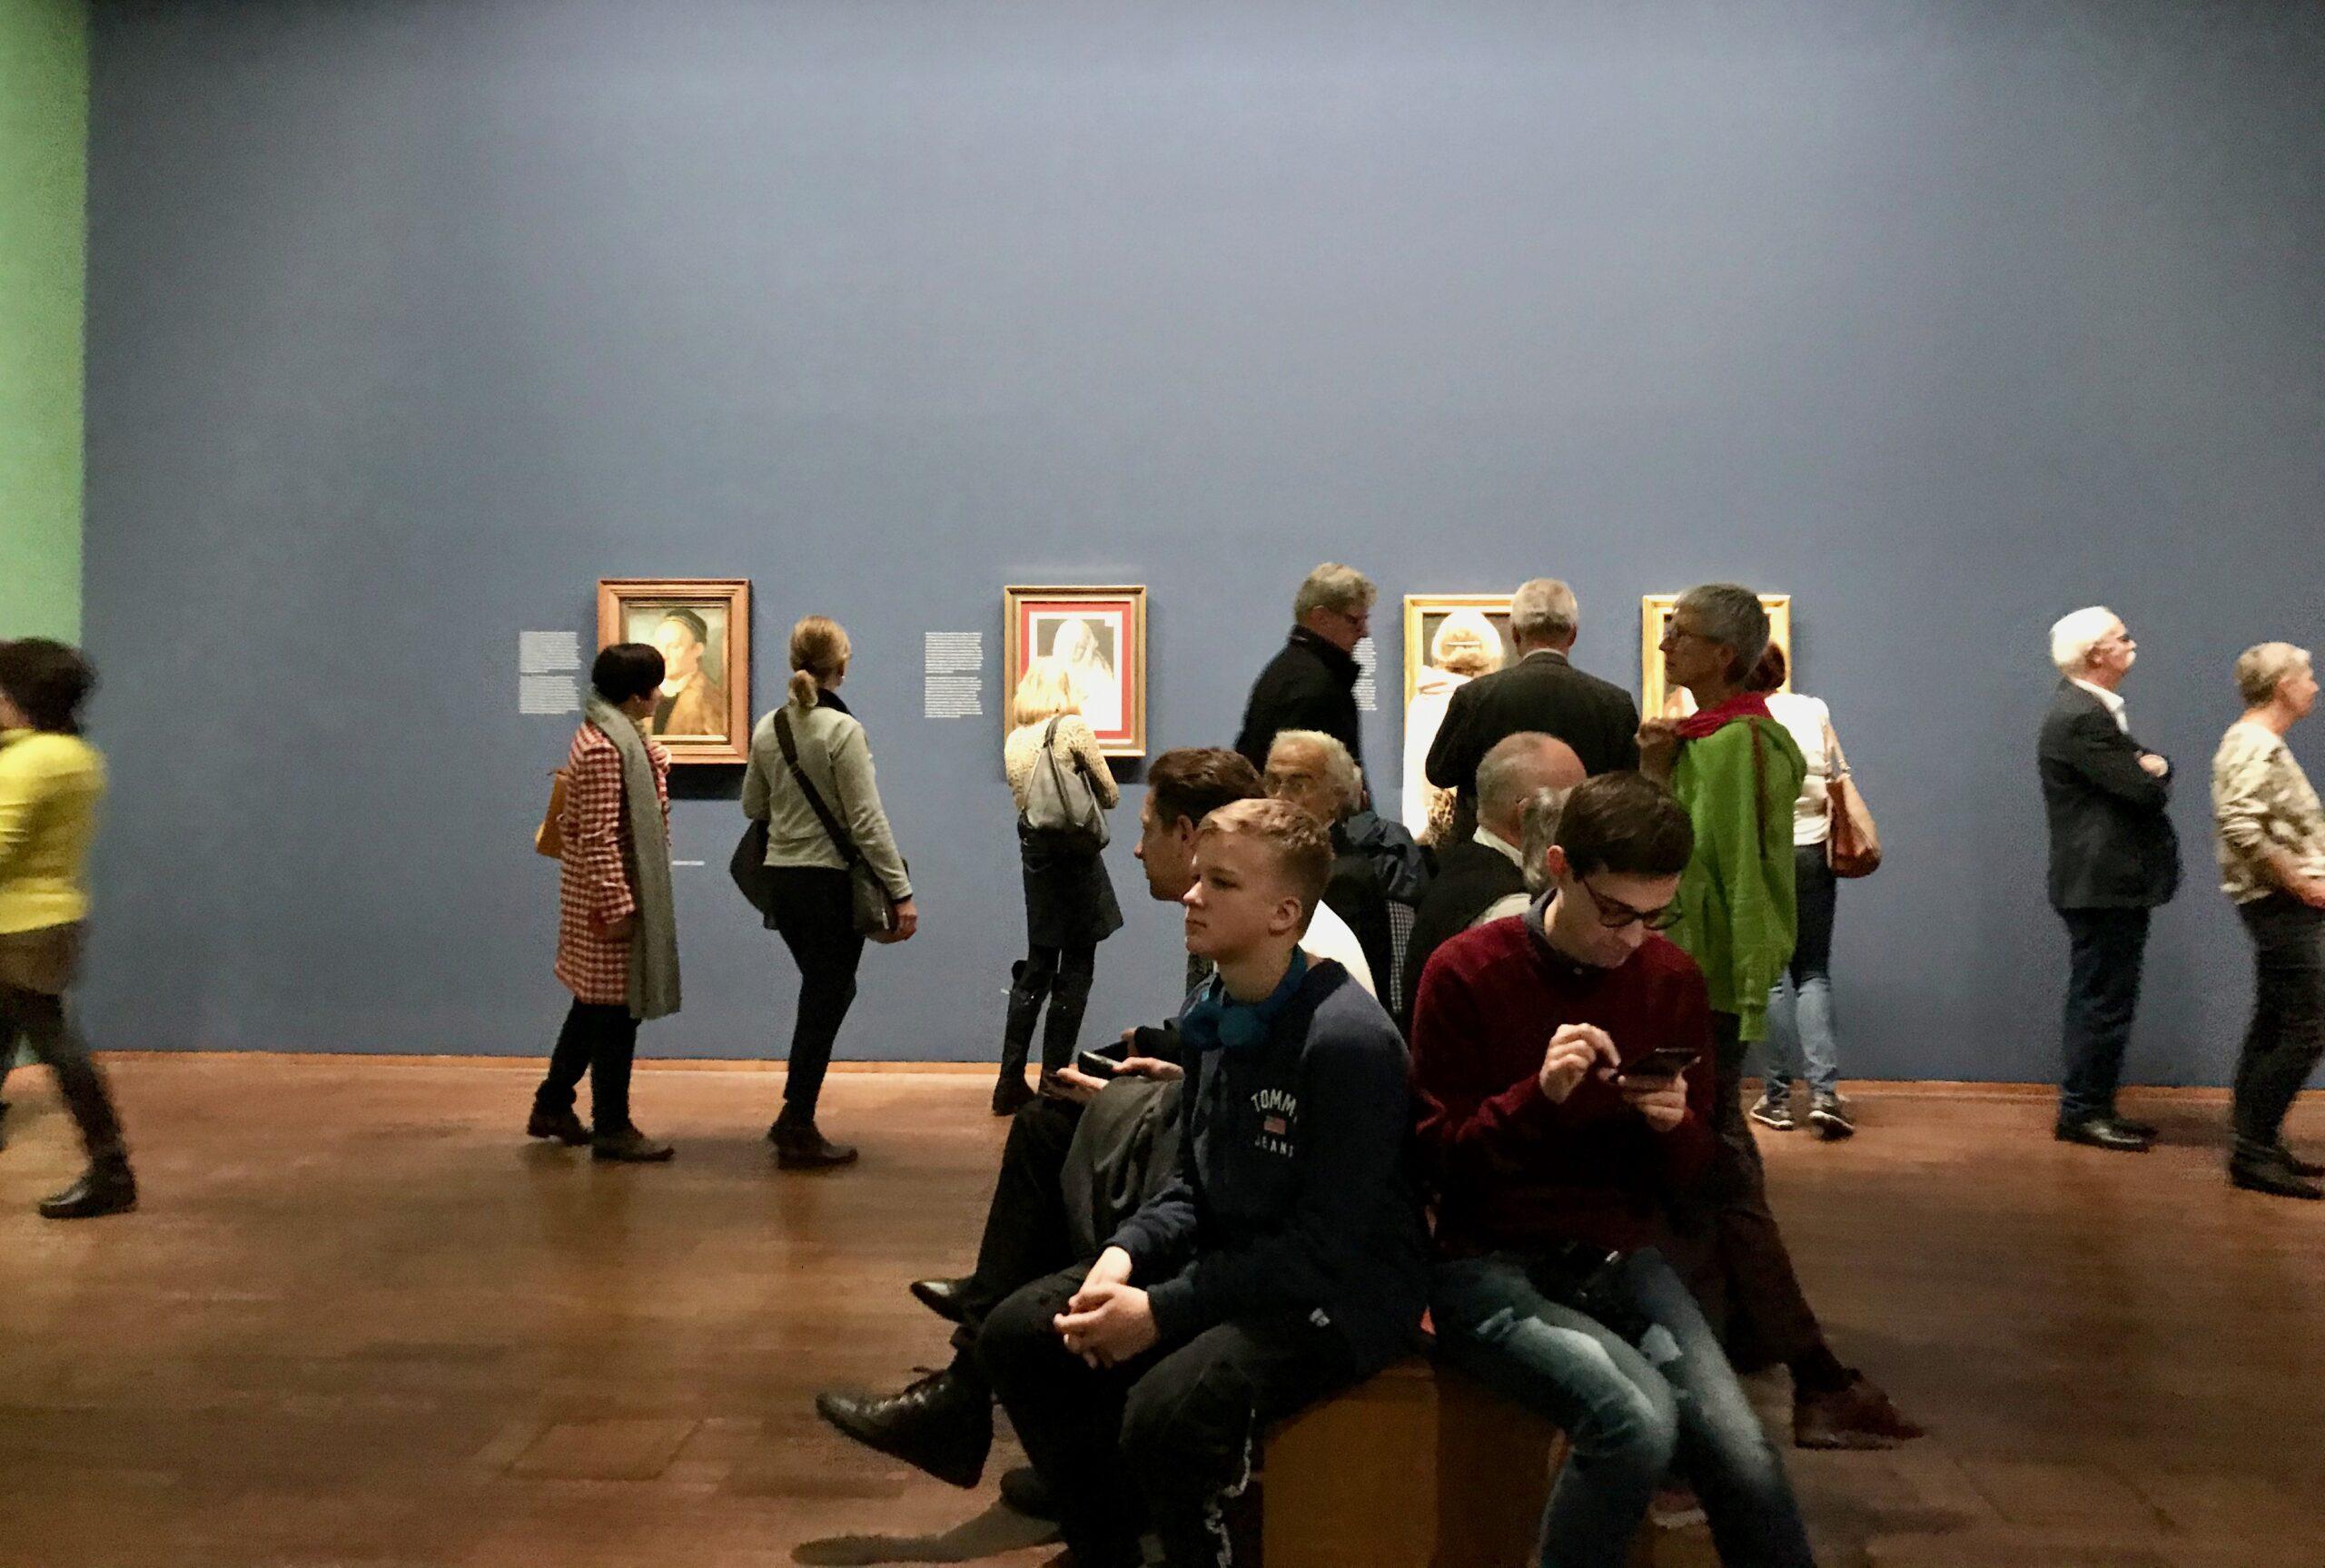 Na imagem vê-se uma sala de museu com visitantes